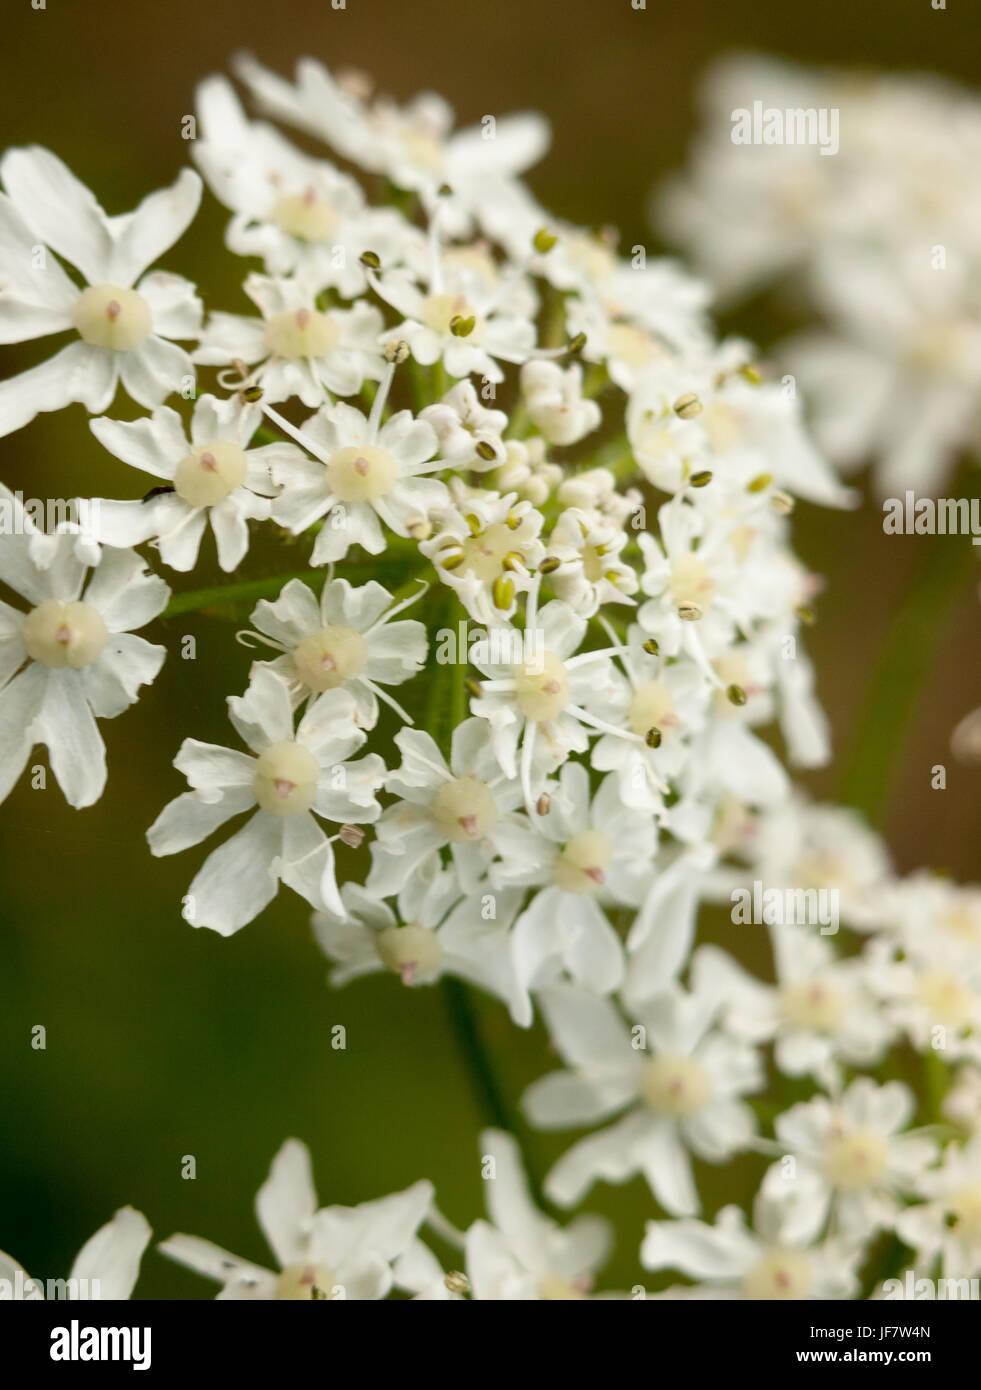 macro fresh new creamy white flower heads inspiring - Stock Image